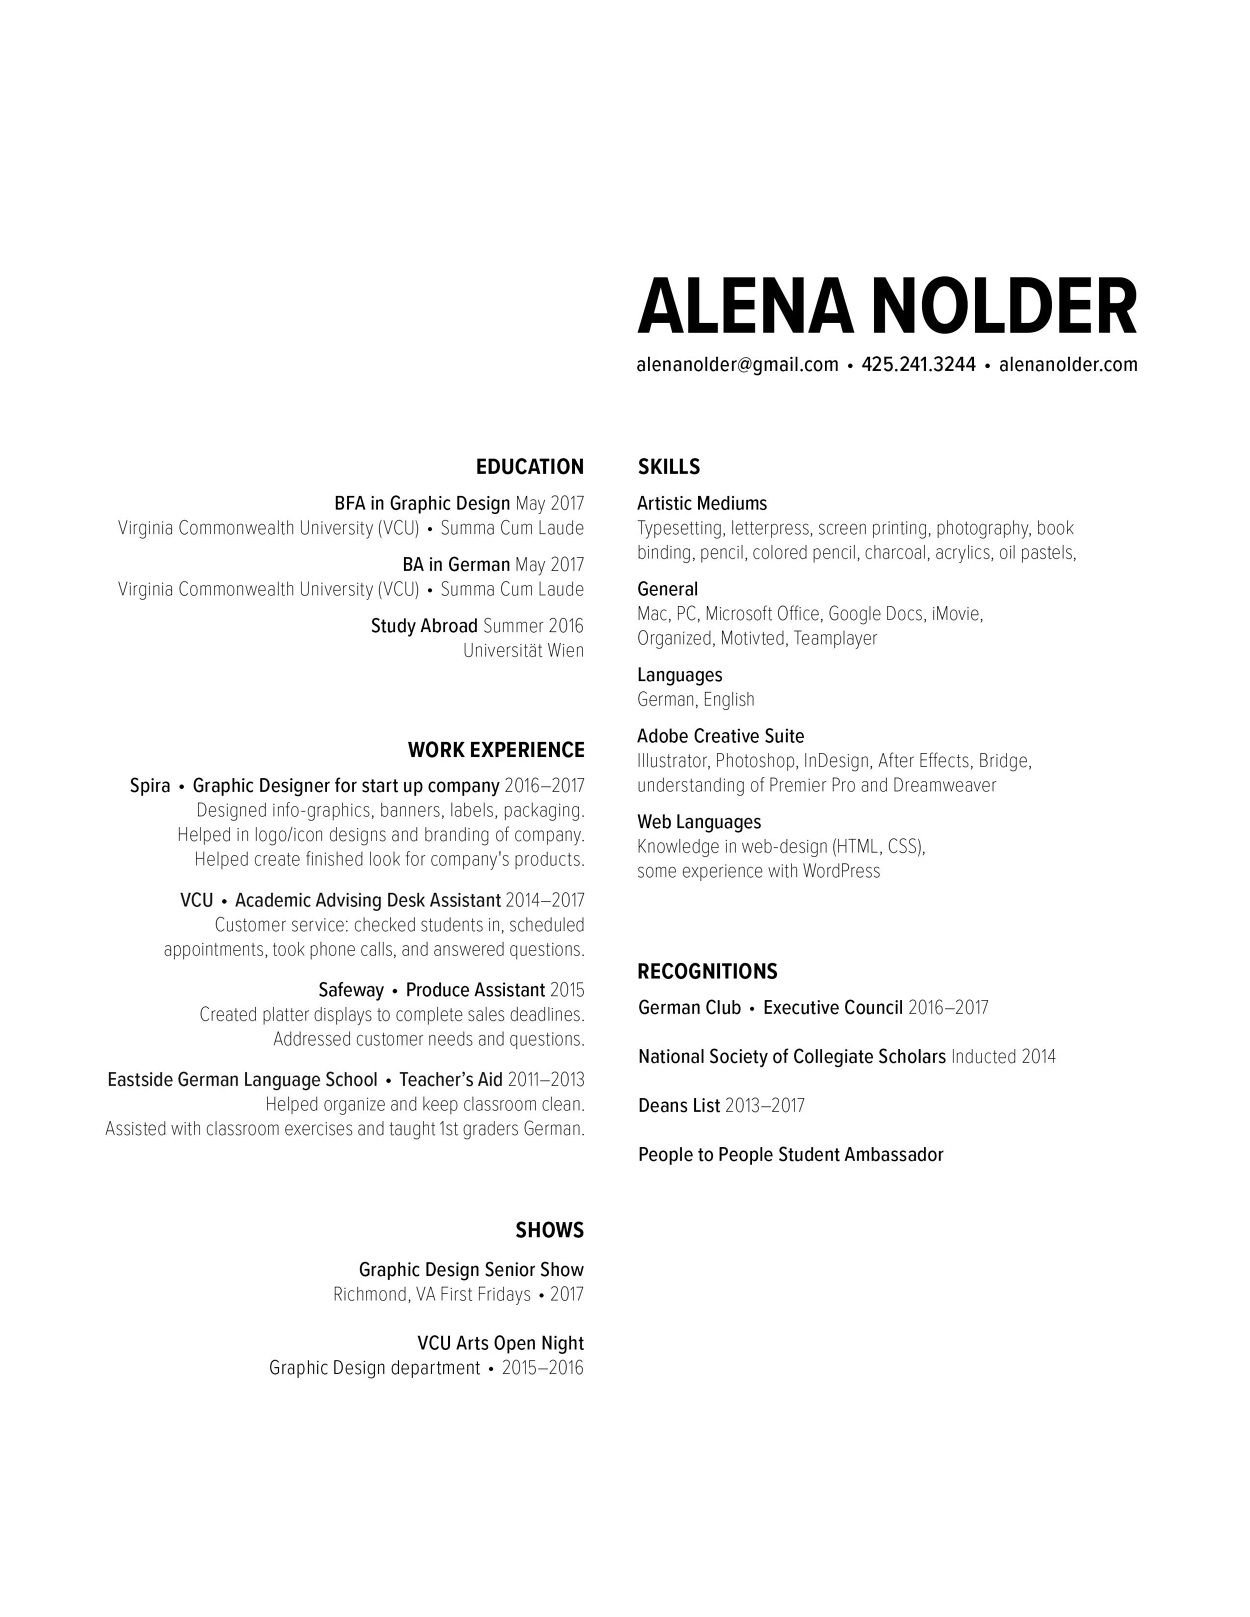 Resume Alena Nolder